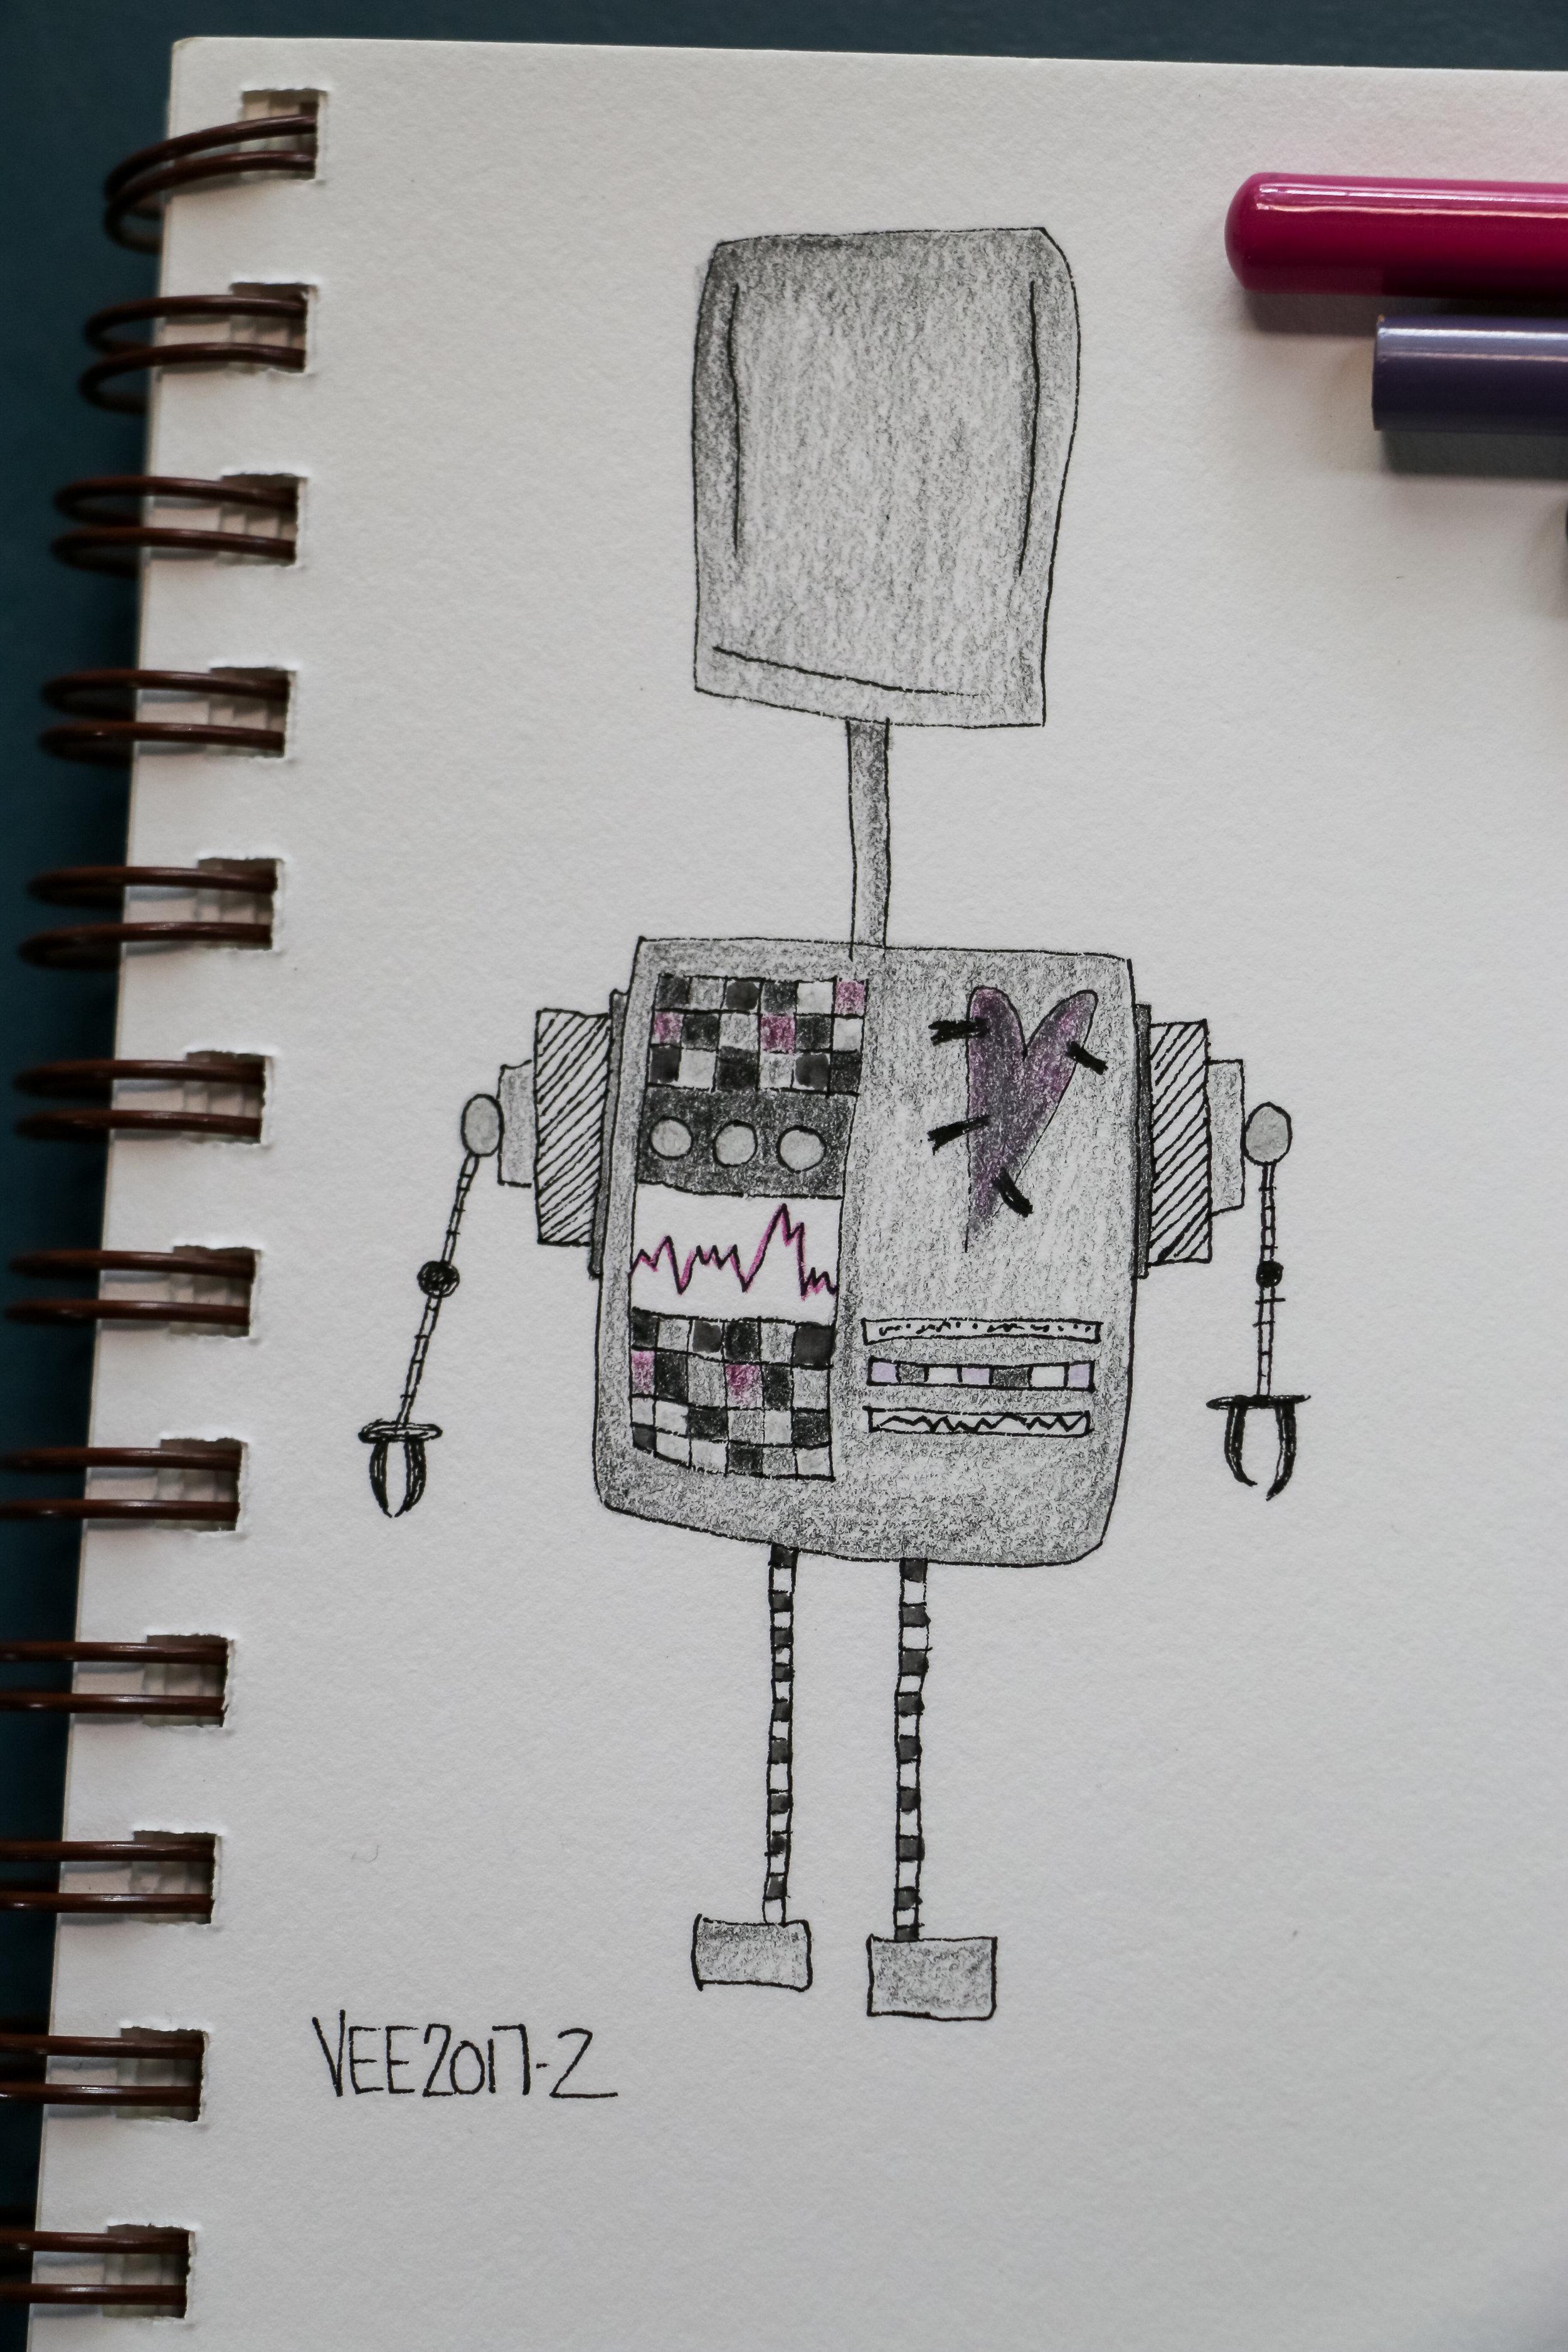 robot #2 aka VEE2017-2